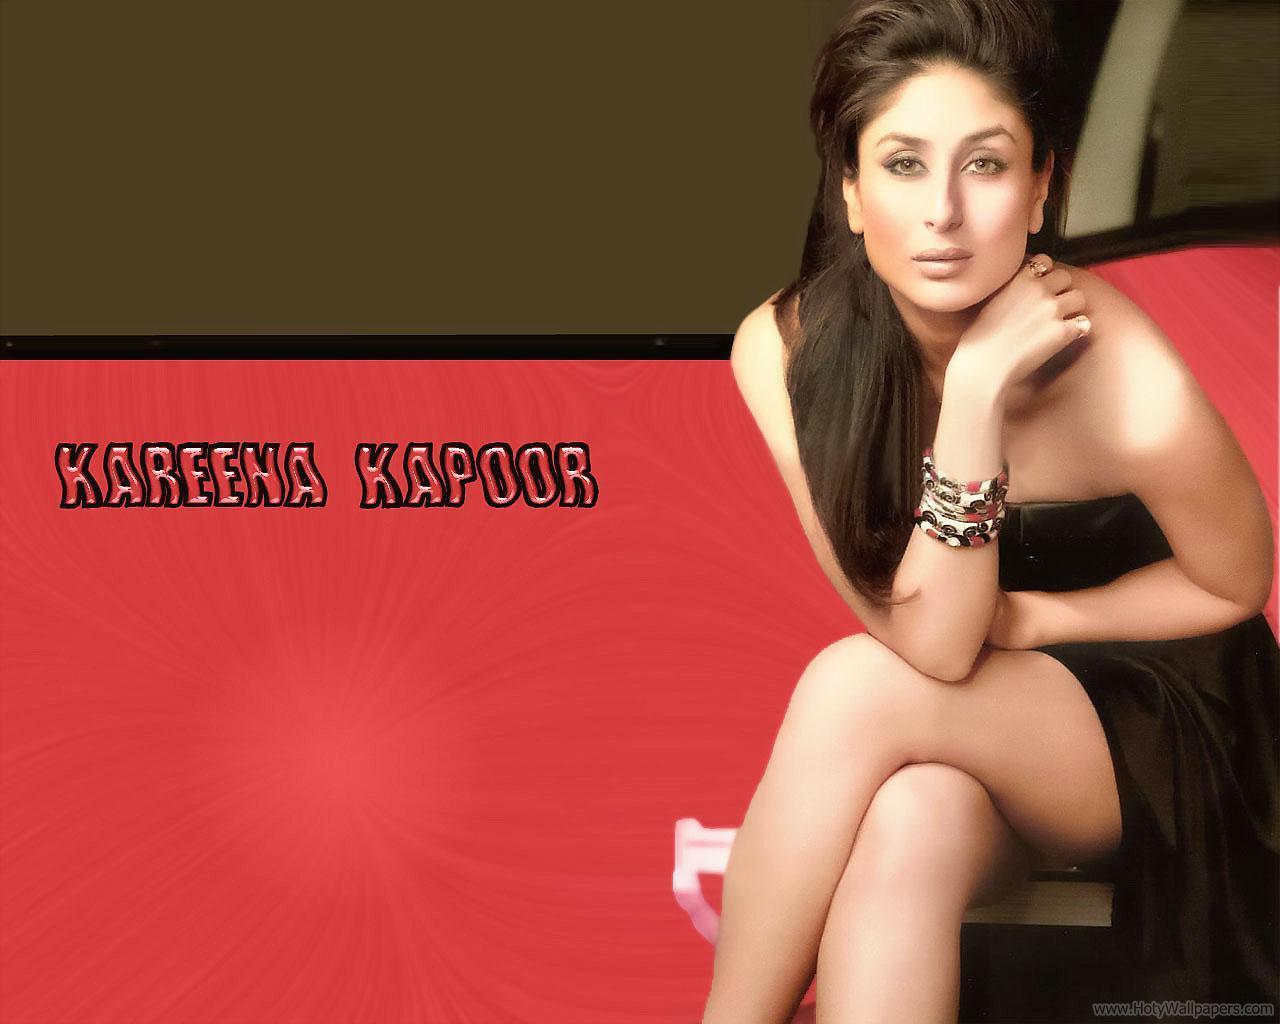 http://2.bp.blogspot.com/-mR1HGkLBJp0/TwsAWvWCS5I/AAAAAAAADaM/ht_Yev9npSI/s1600/Kareena_Kapoor_Agent_Vinod_Film_Wallpaper.jpg